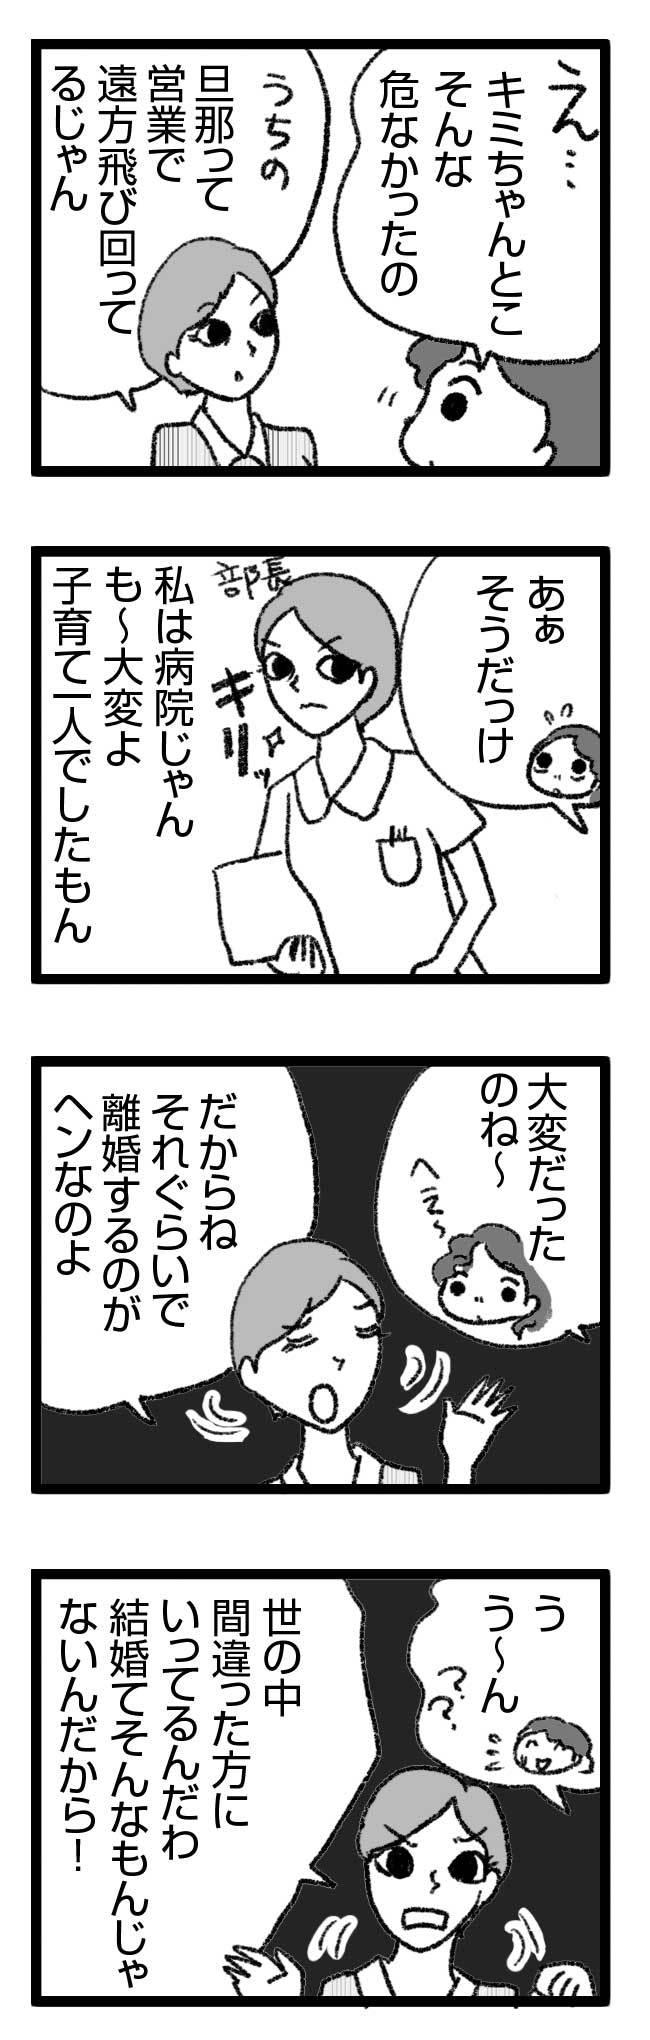 親戚キミちゃん3 結婚 謎 離婚 田舎 偏見 夫婦 説教 レス sex 漫画 マンガ まんが レス セックスレス スキンシップ